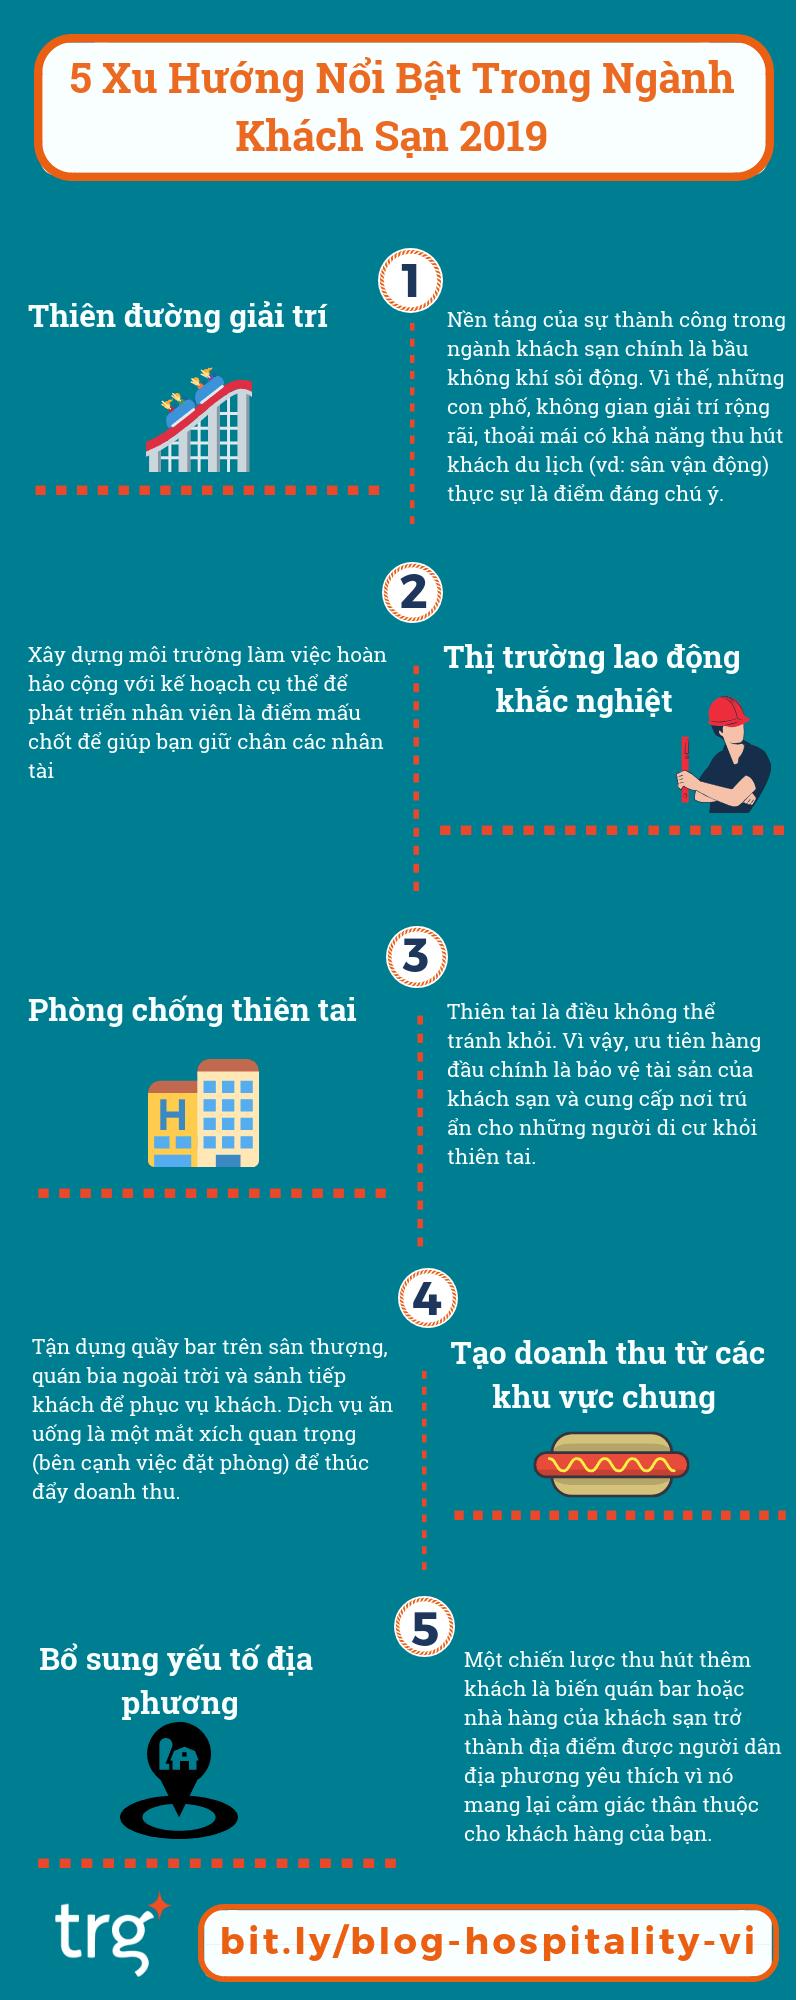 [Infographic] 5 xu hướng nổi bật trong ngành khách sạn 2019